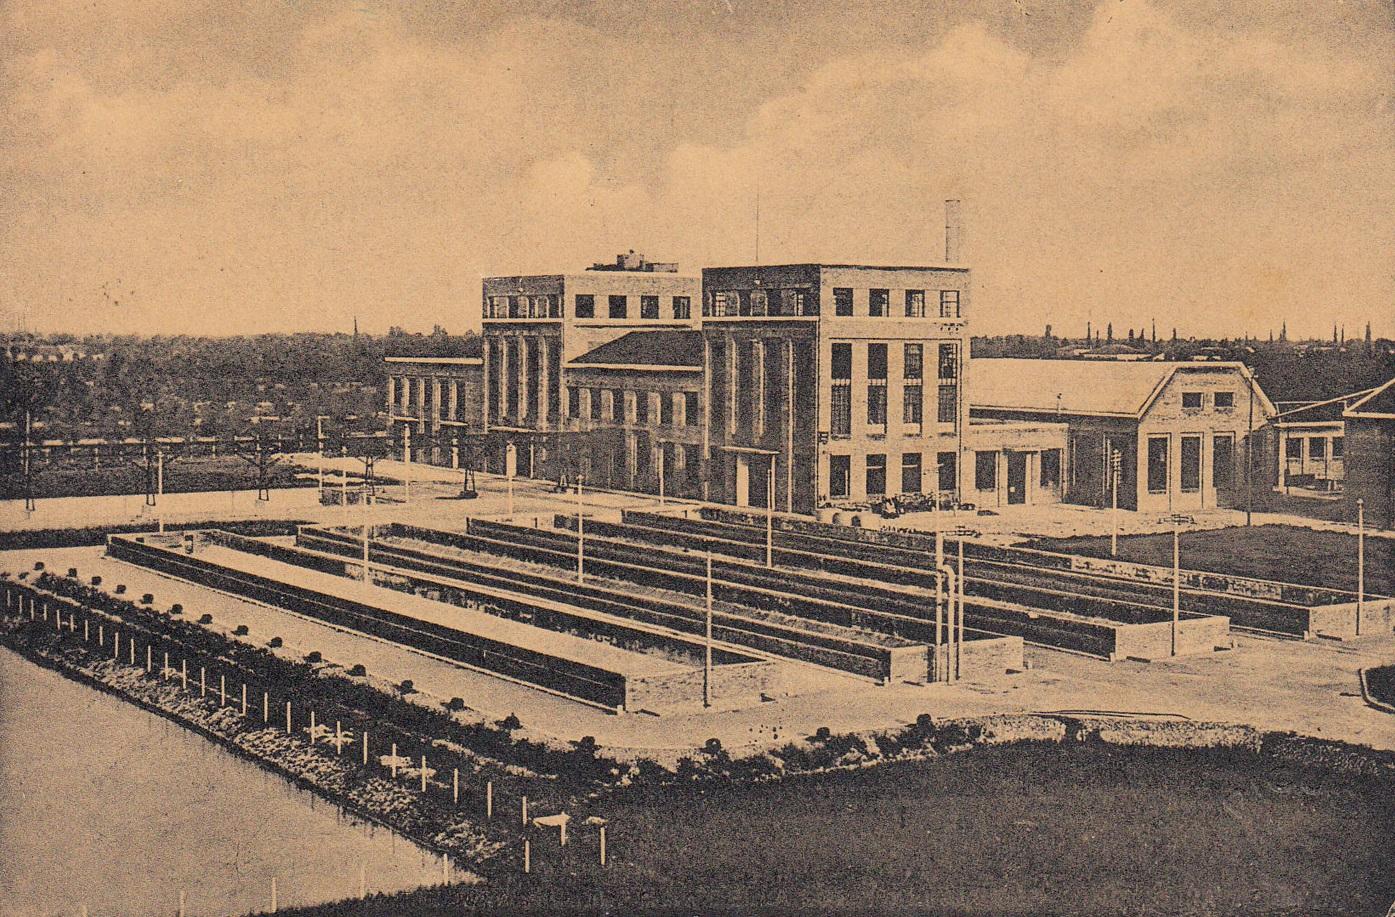 Storia di Mirandola. Lo Zuccherificio di Mirandola nel 1949. Immagine tratta da Wikimedia Commons